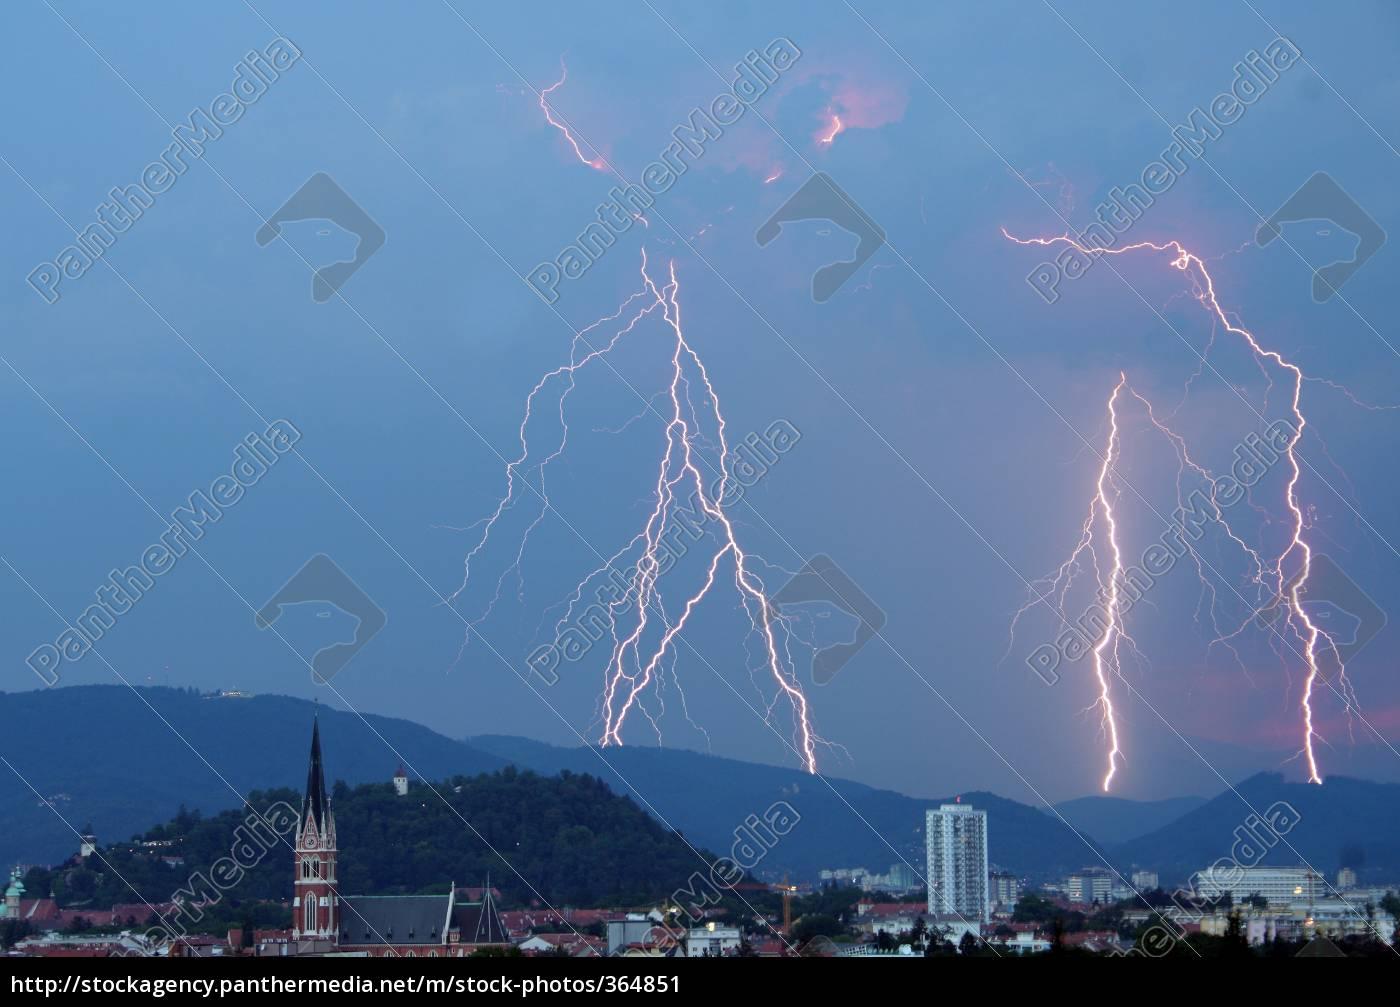 cities, lightning - 364851